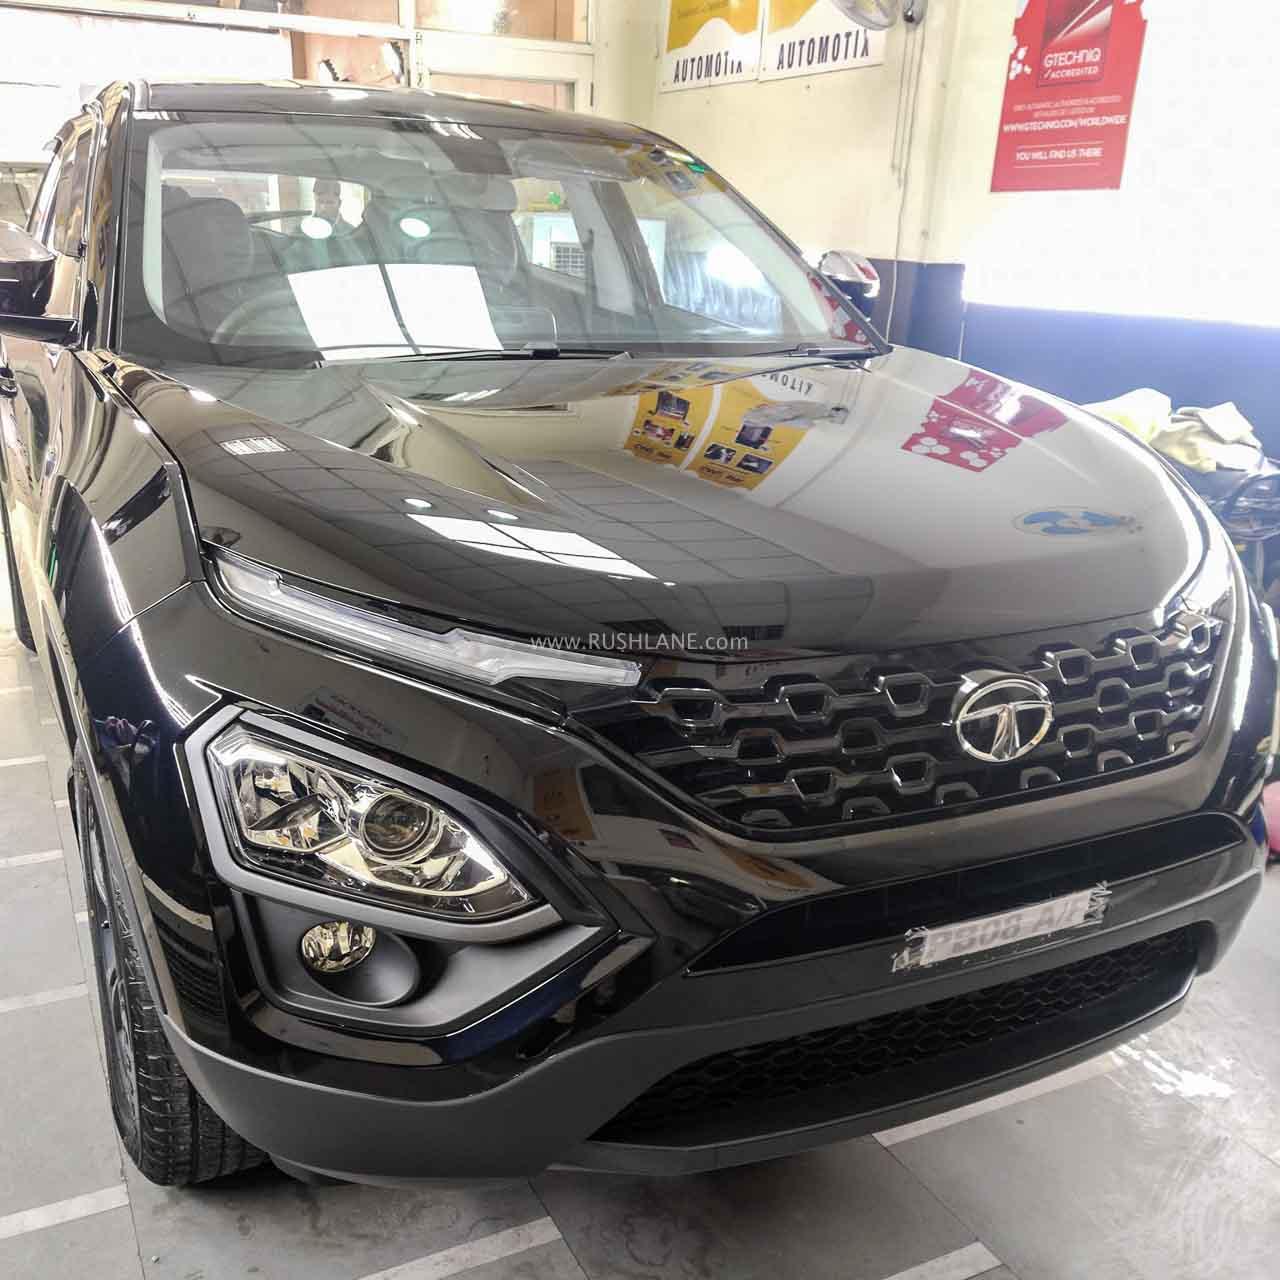 Mid Sized SUV Sales June 2020 grows – Creta, Seltos, Scorpio, Hector, Harrier